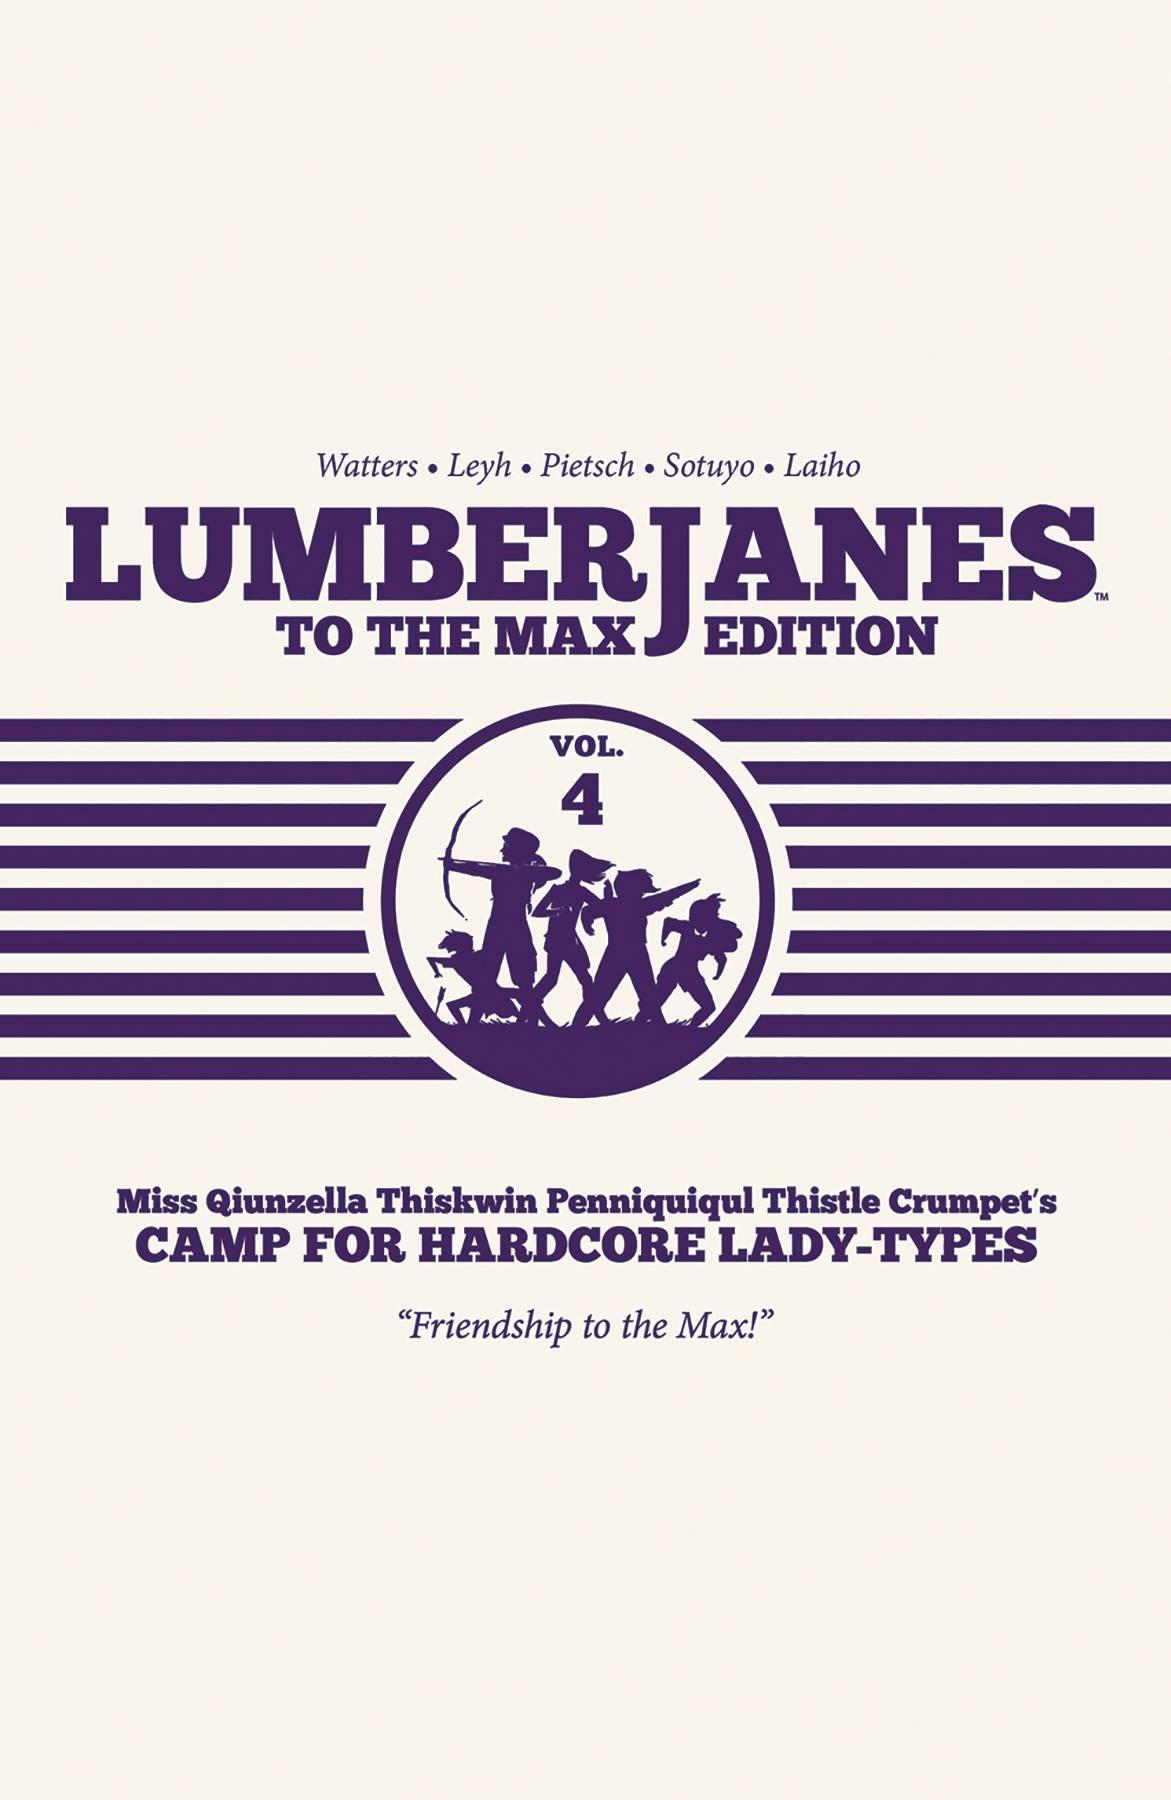 Lumberjanes HC4